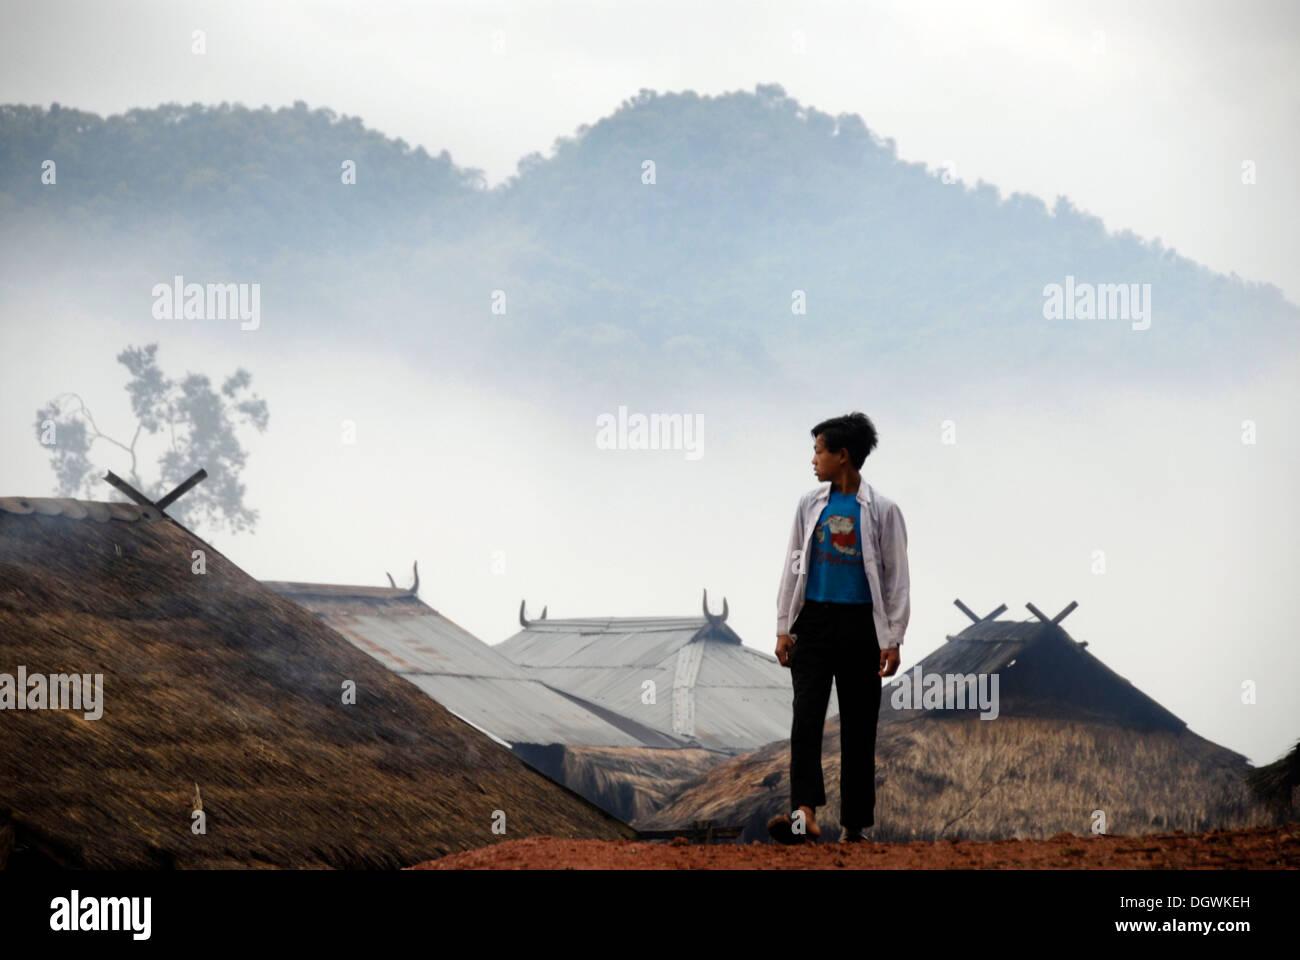 Ragazzo nella parte anteriore del case del Phixor Akha gruppo etnico, divieto di villaggio Mososane, i tetti di paglia, nebbia e montagne Immagini Stock